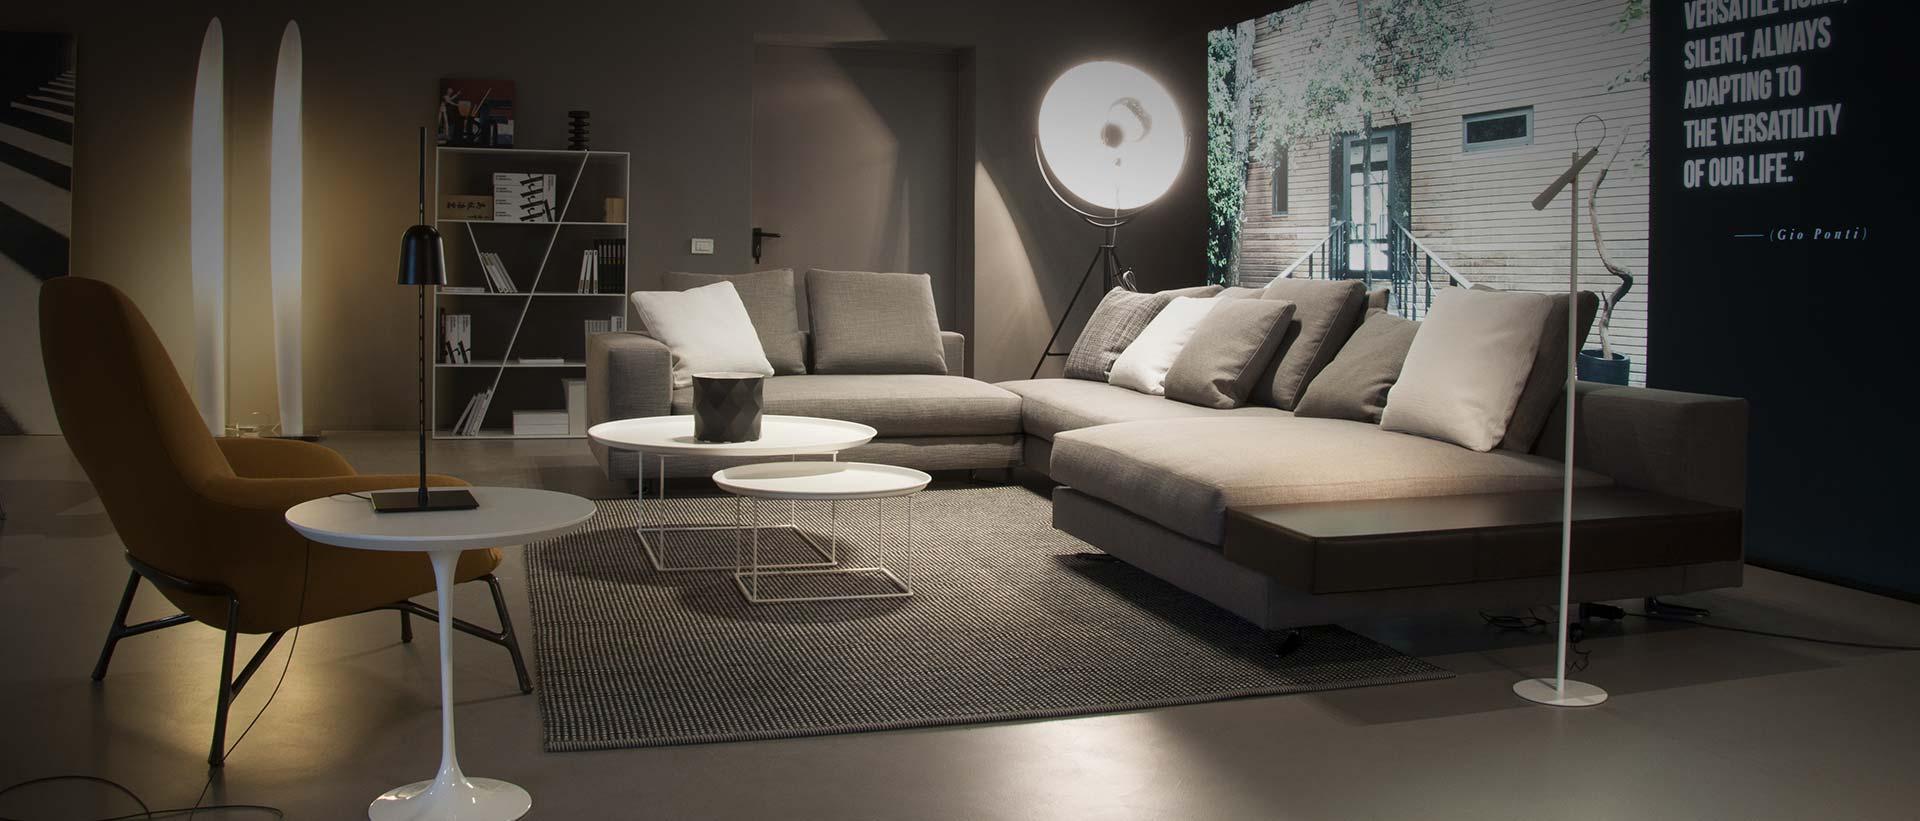 Architettura d 39 interni mantova consulenza arredo interni for Design moderno interni